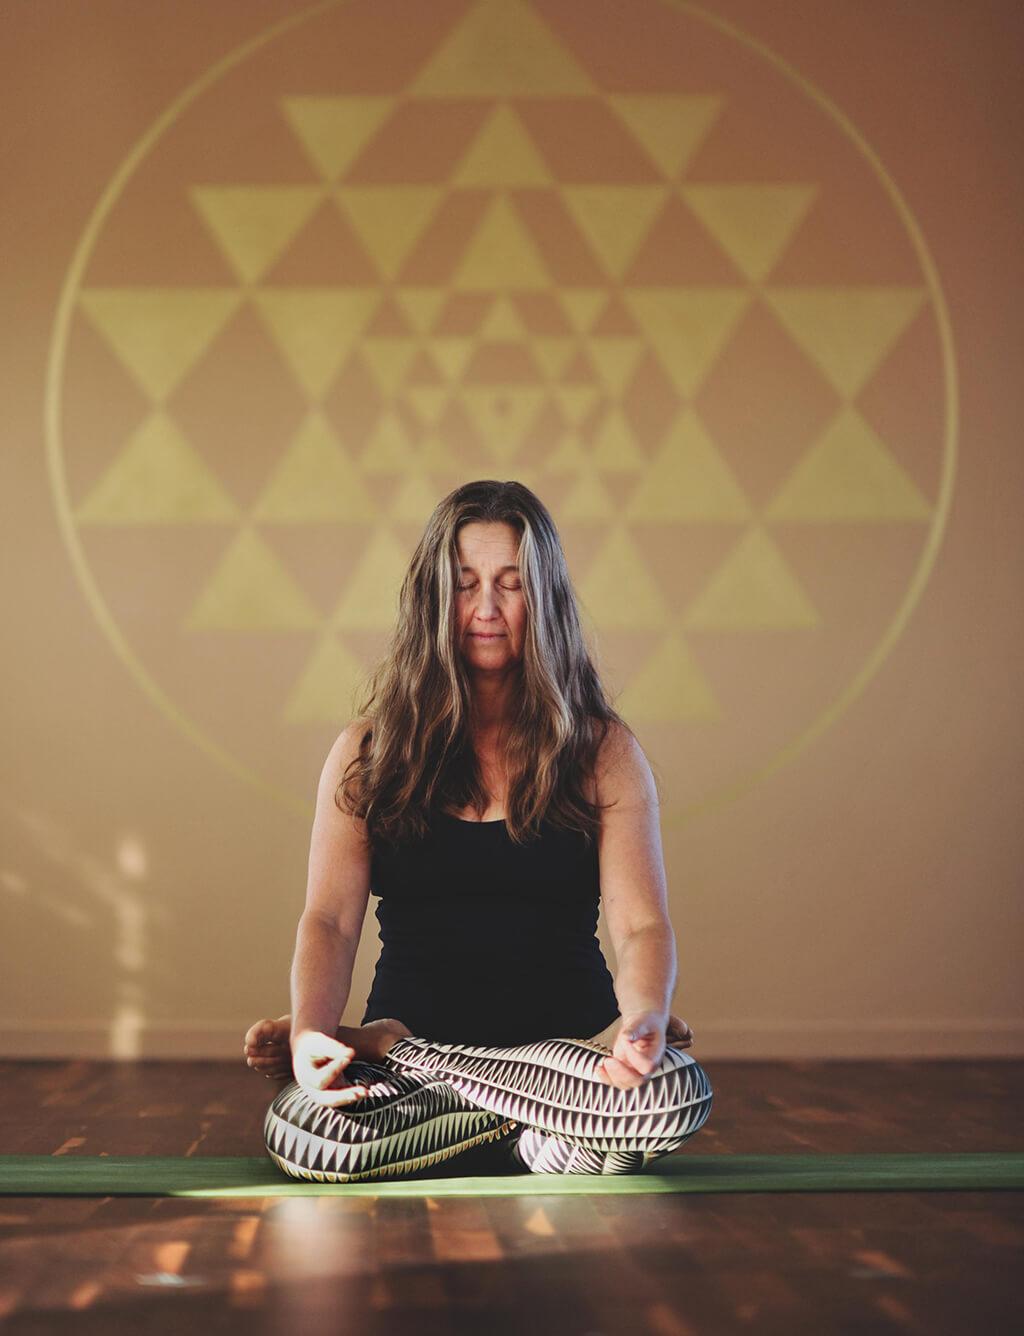 varfor ar det bra med yoga